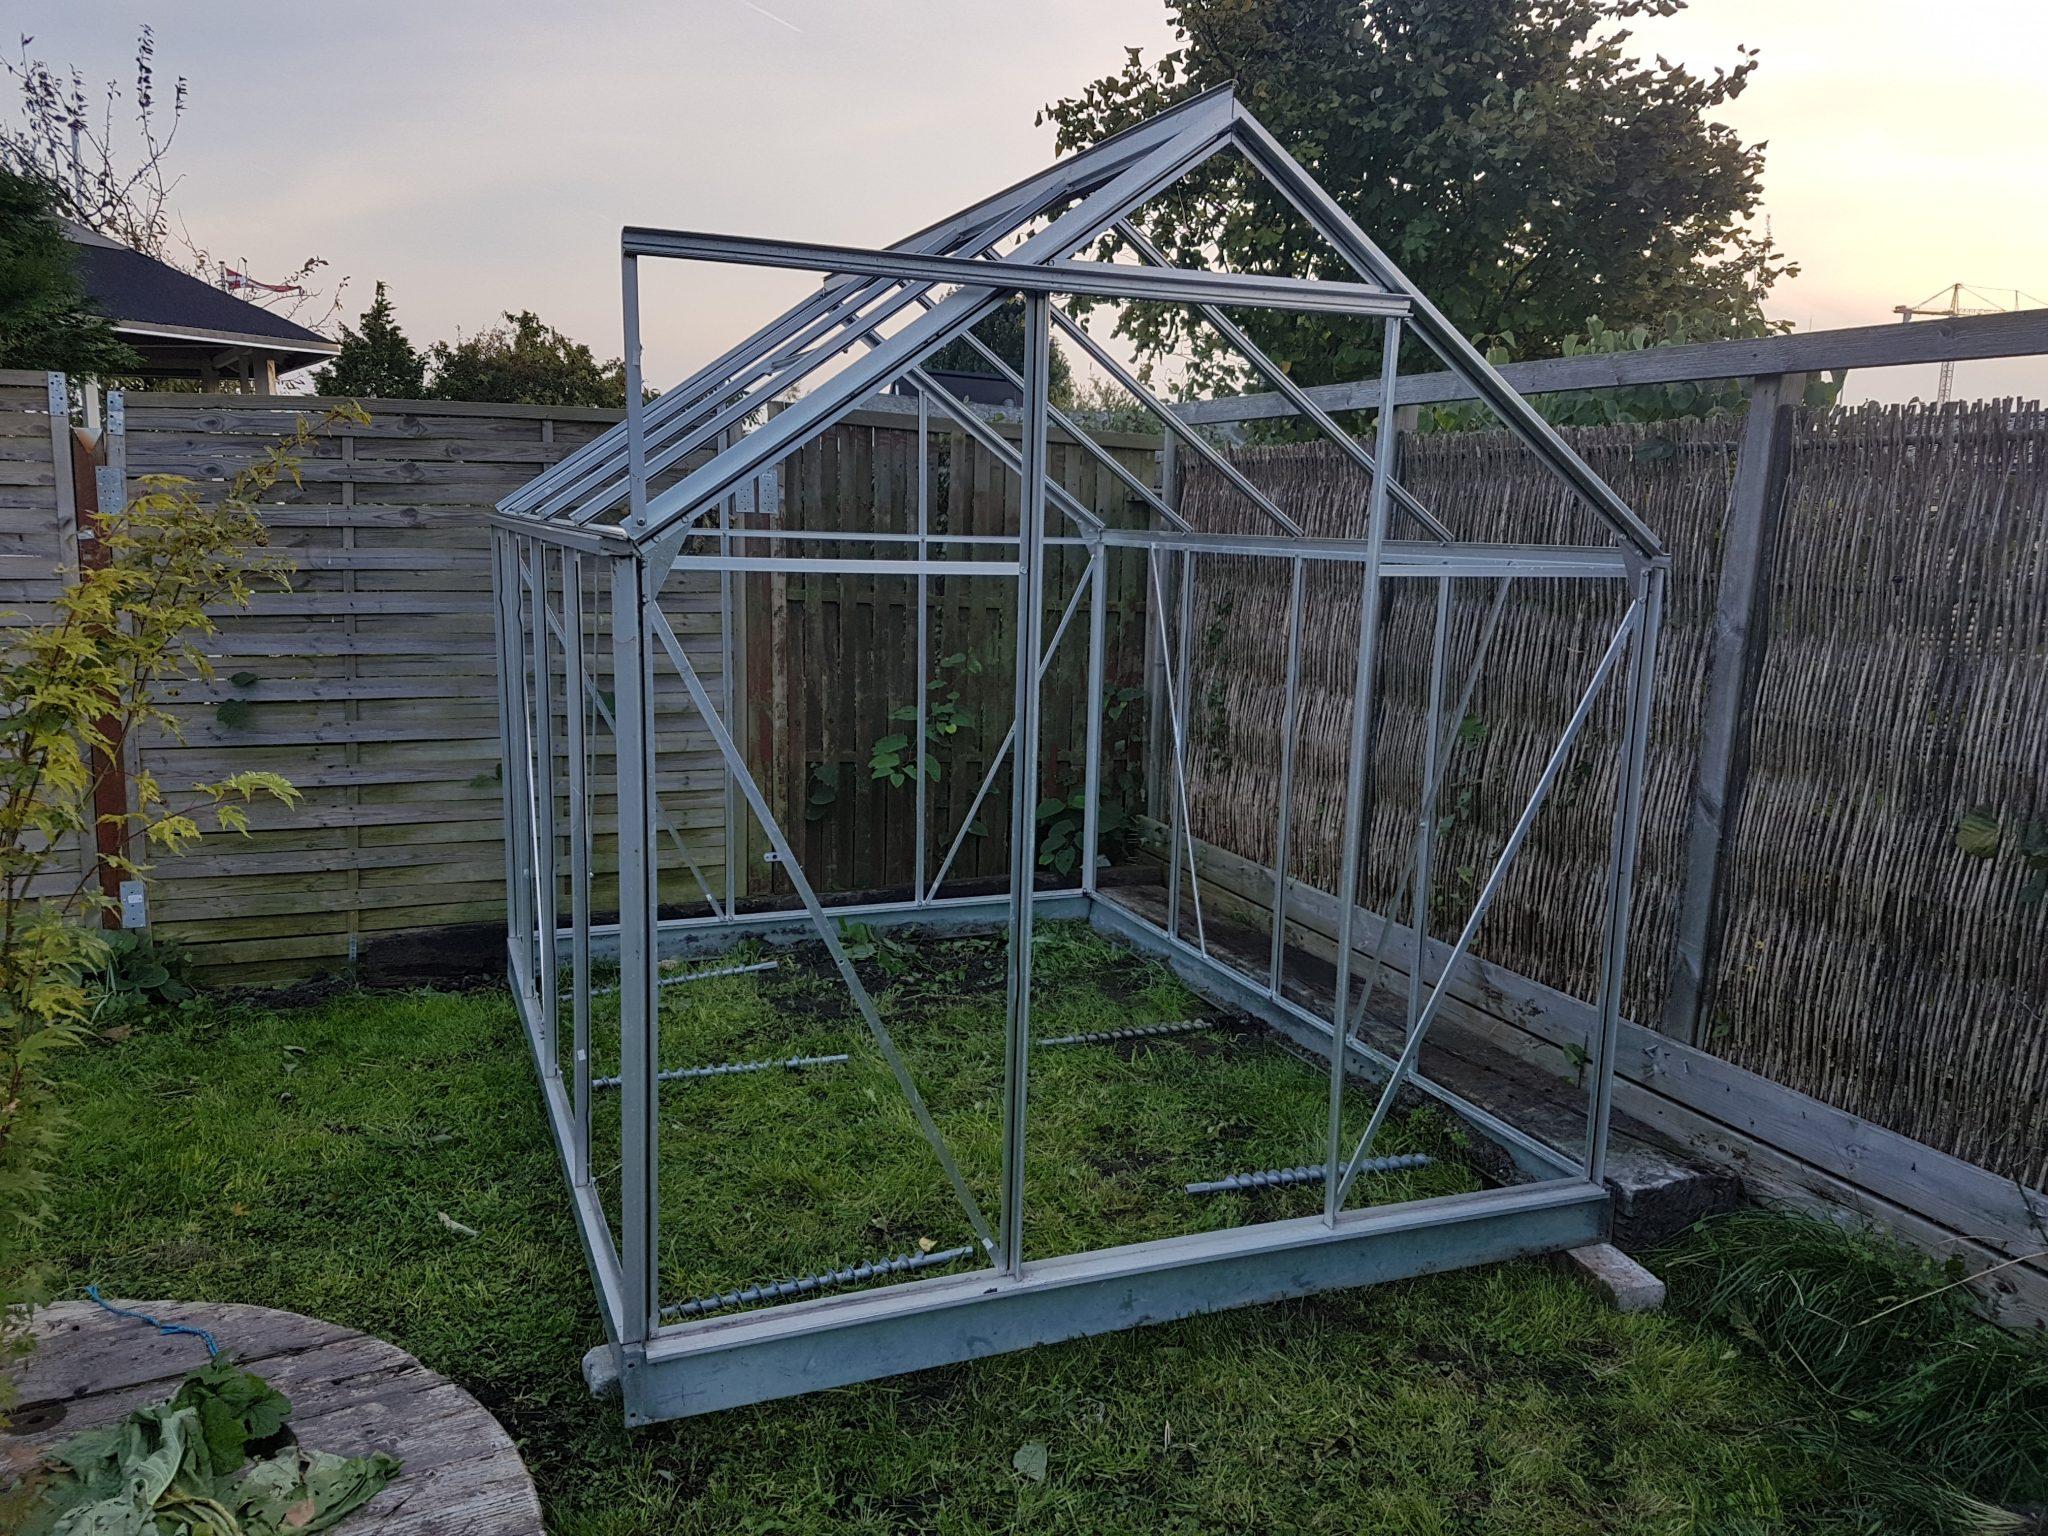 Hvordan laver man fundament til drivhus